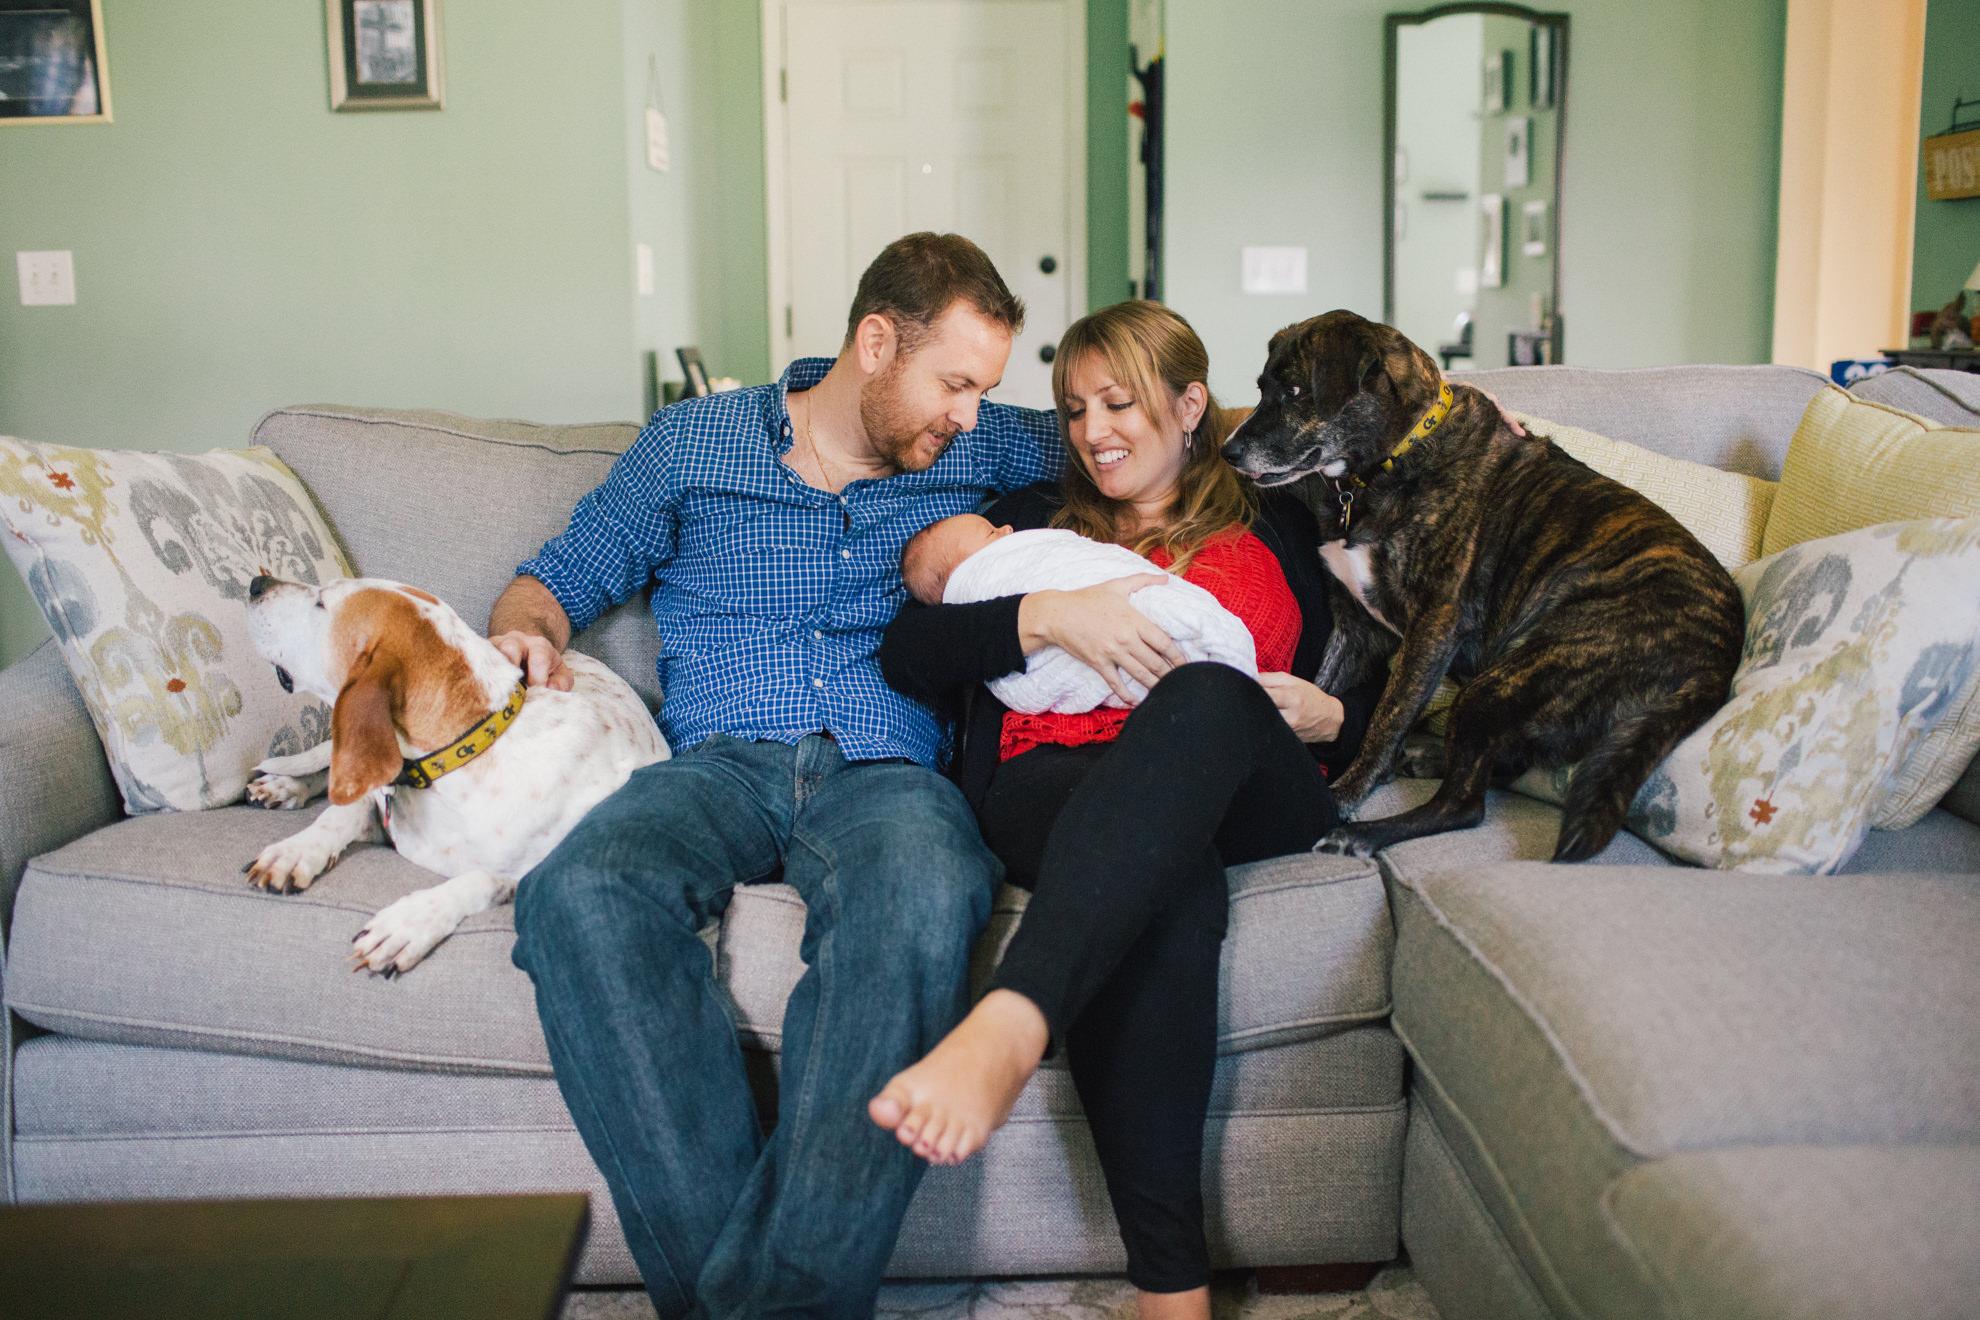 charleston-family-newborn-lifestyle-photographer-6.jpg